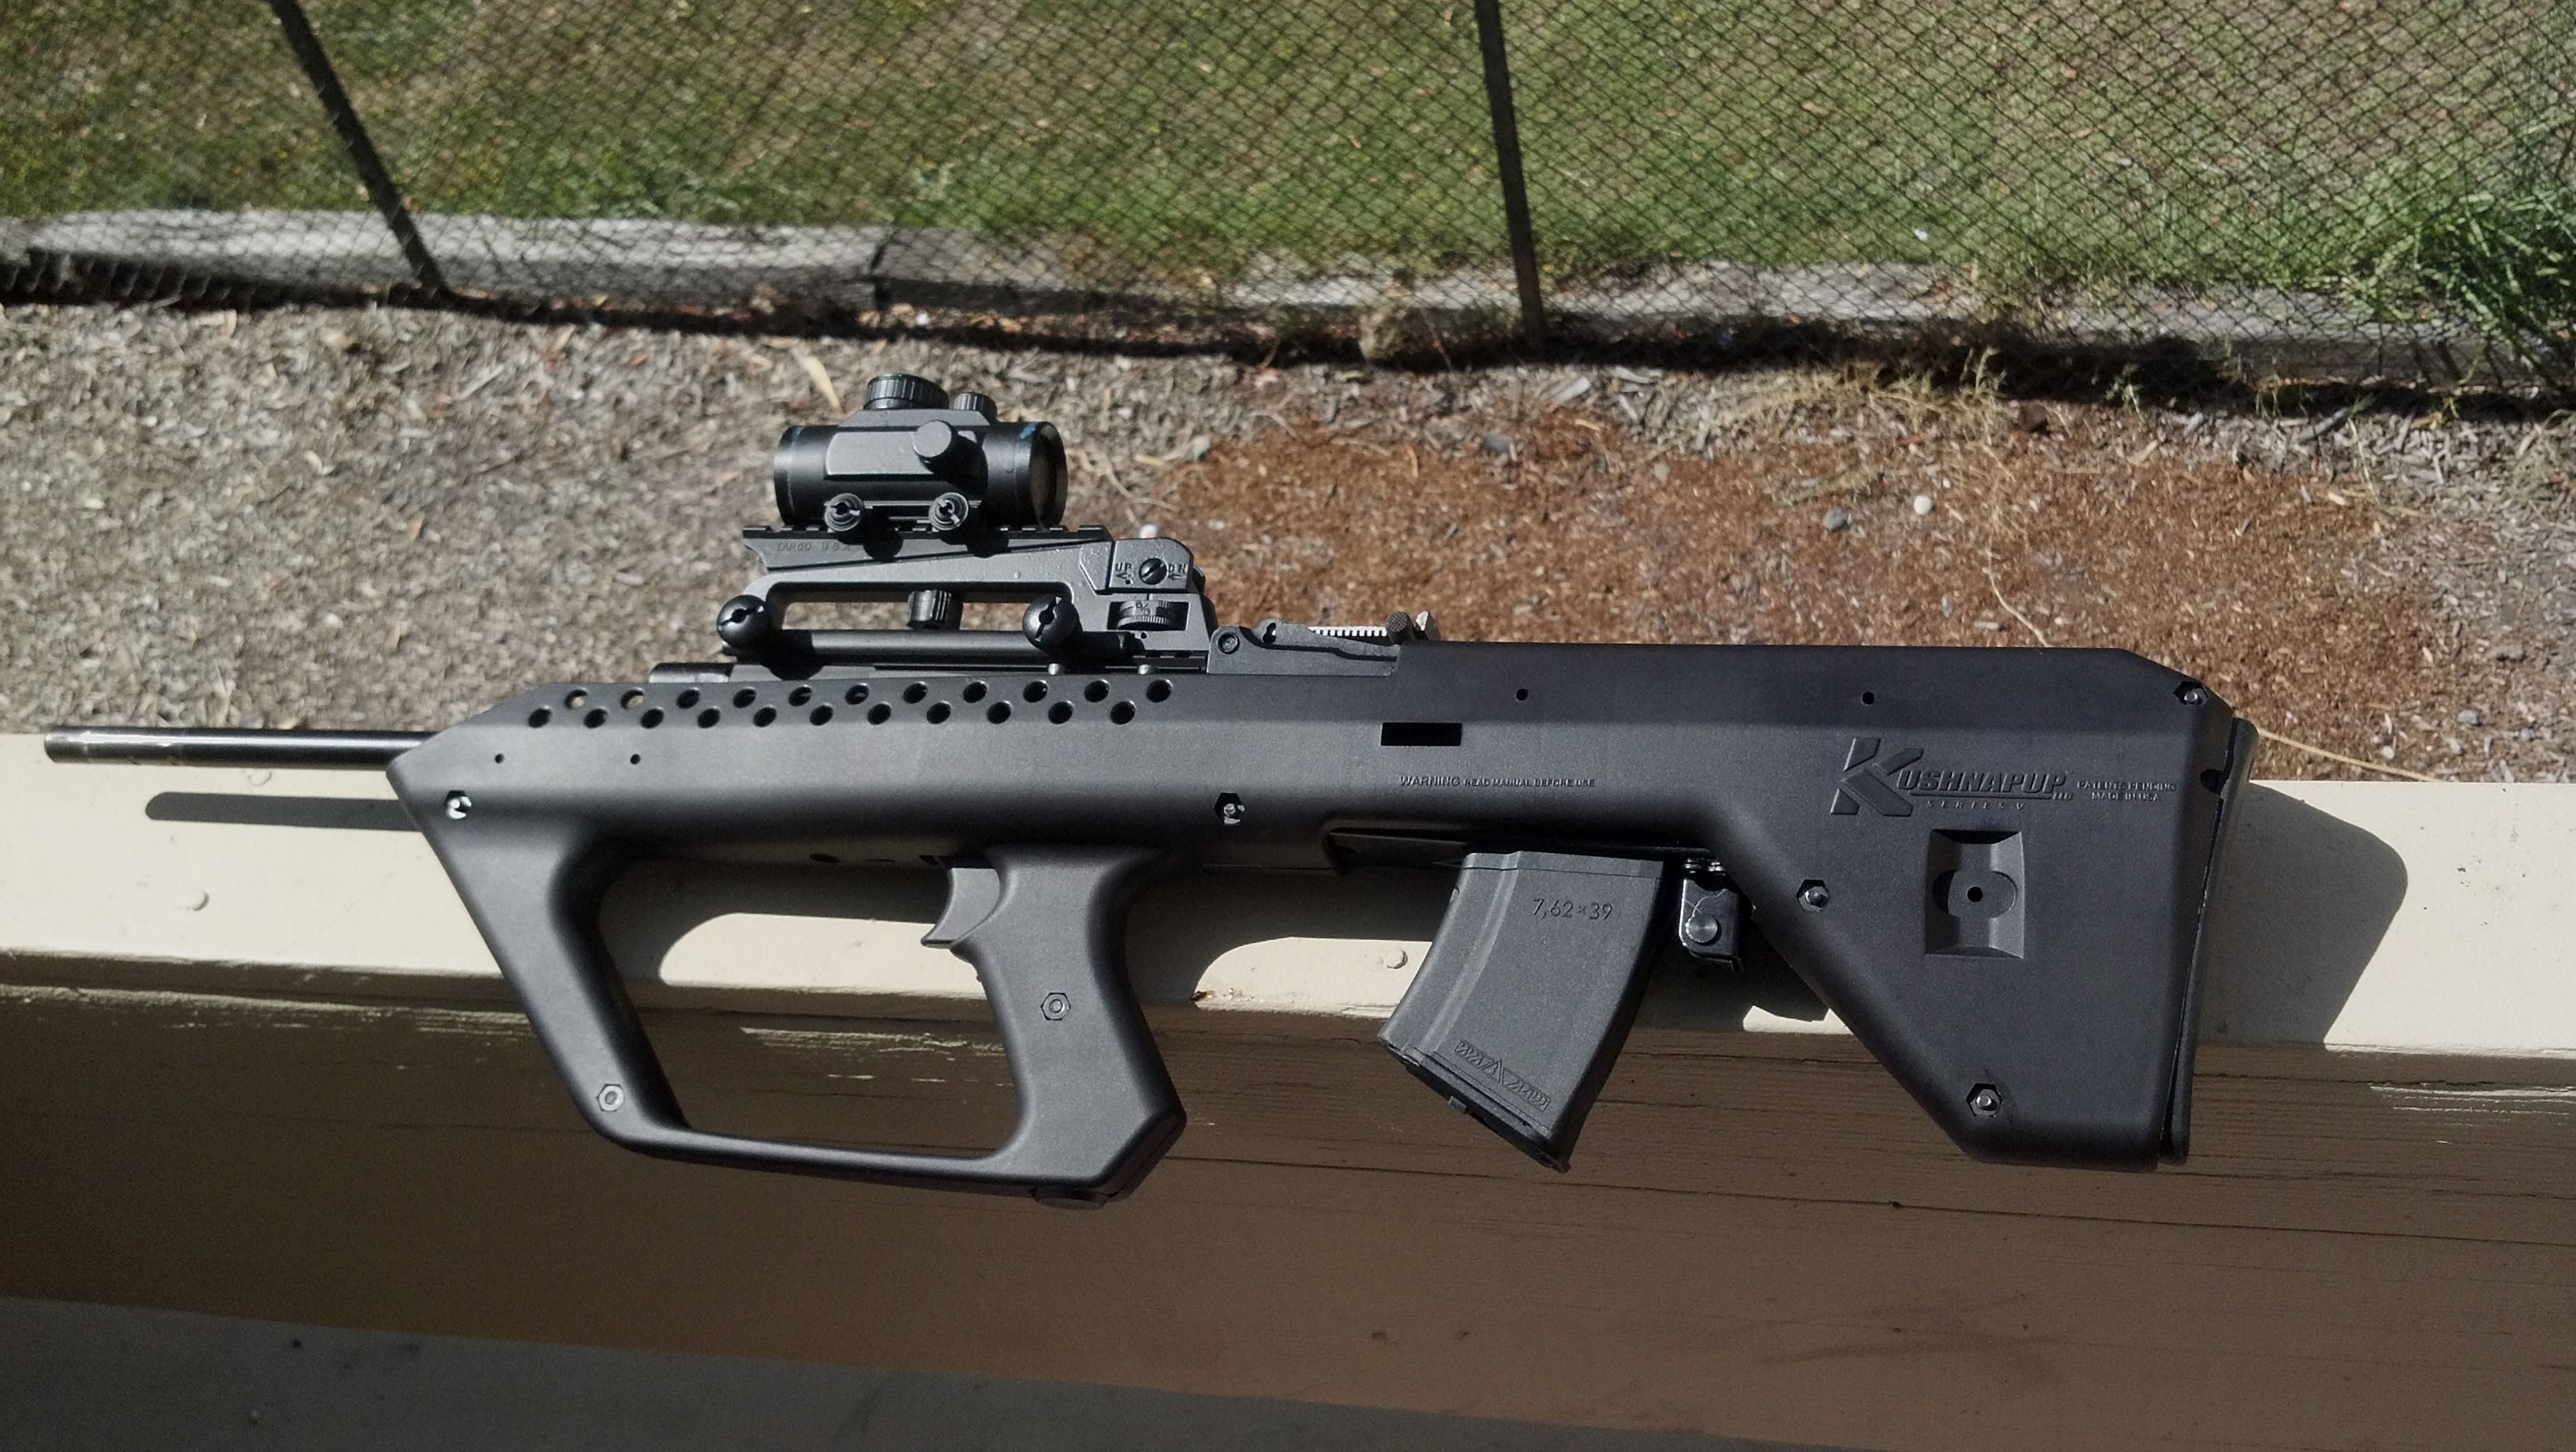 762x39 customized kushnapup bull pup stock kit - Calguns net